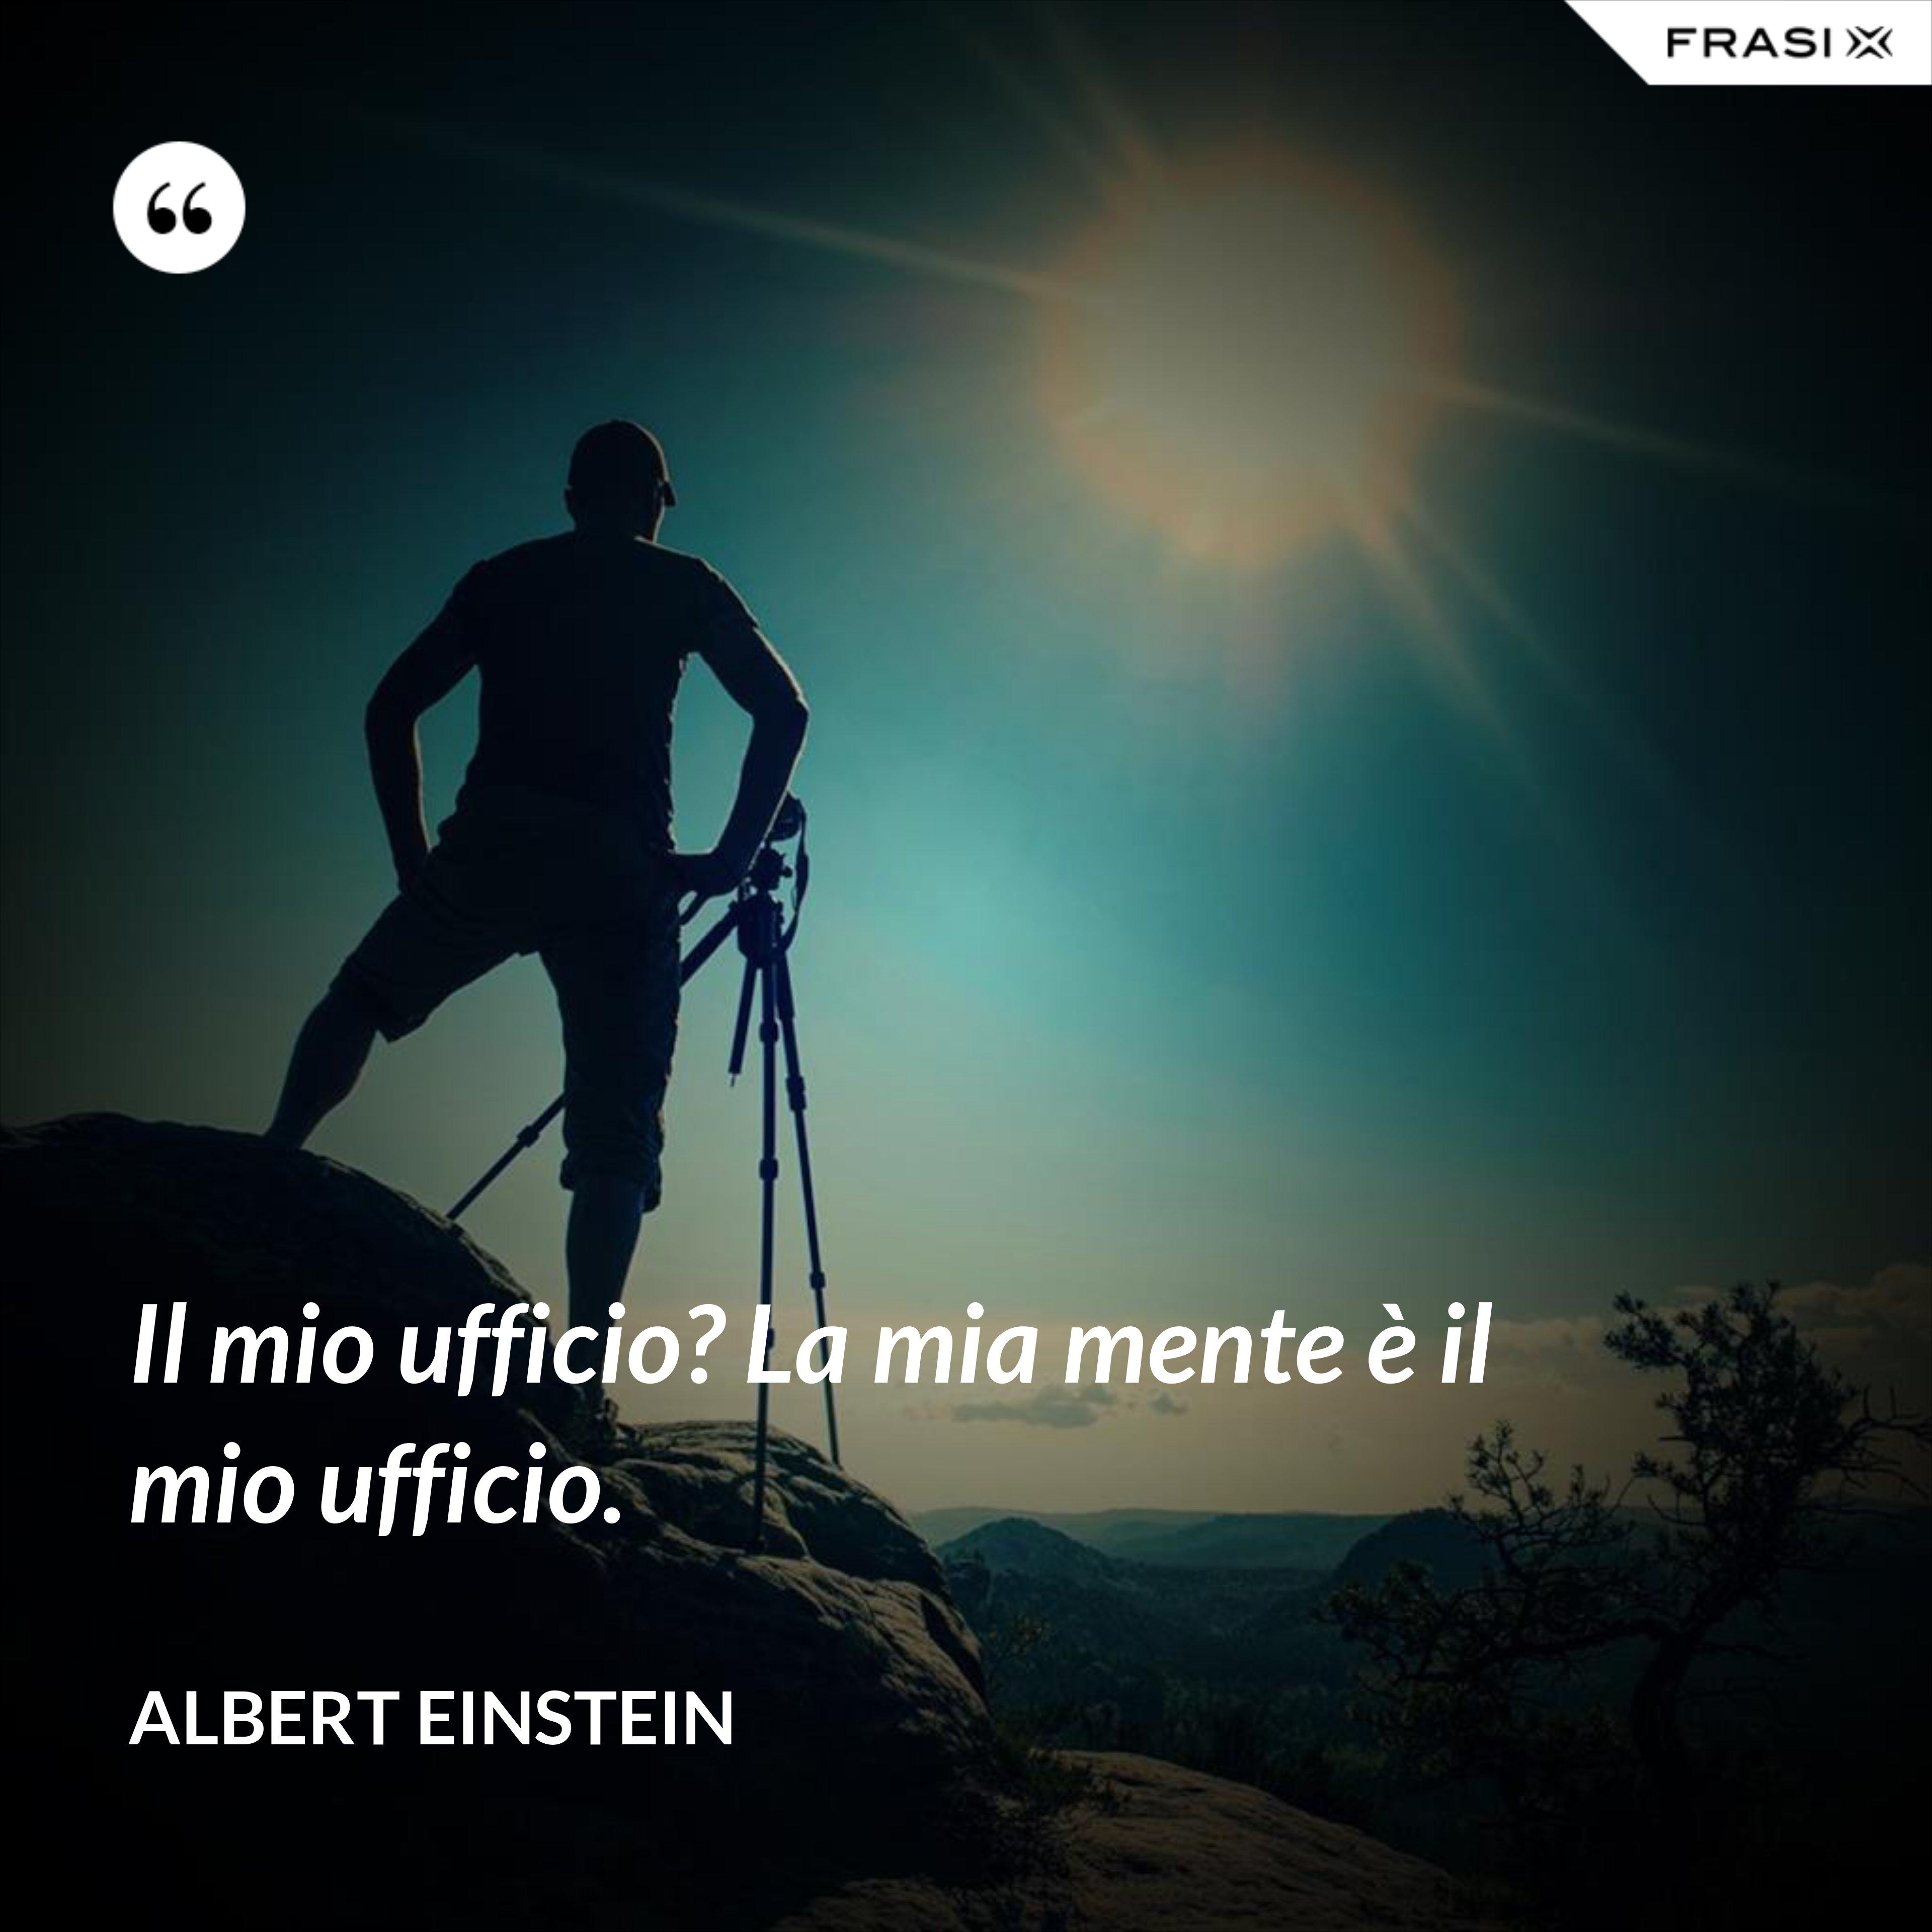 Il mio ufficio? La mia mente è il mio ufficio. - Albert Einstein